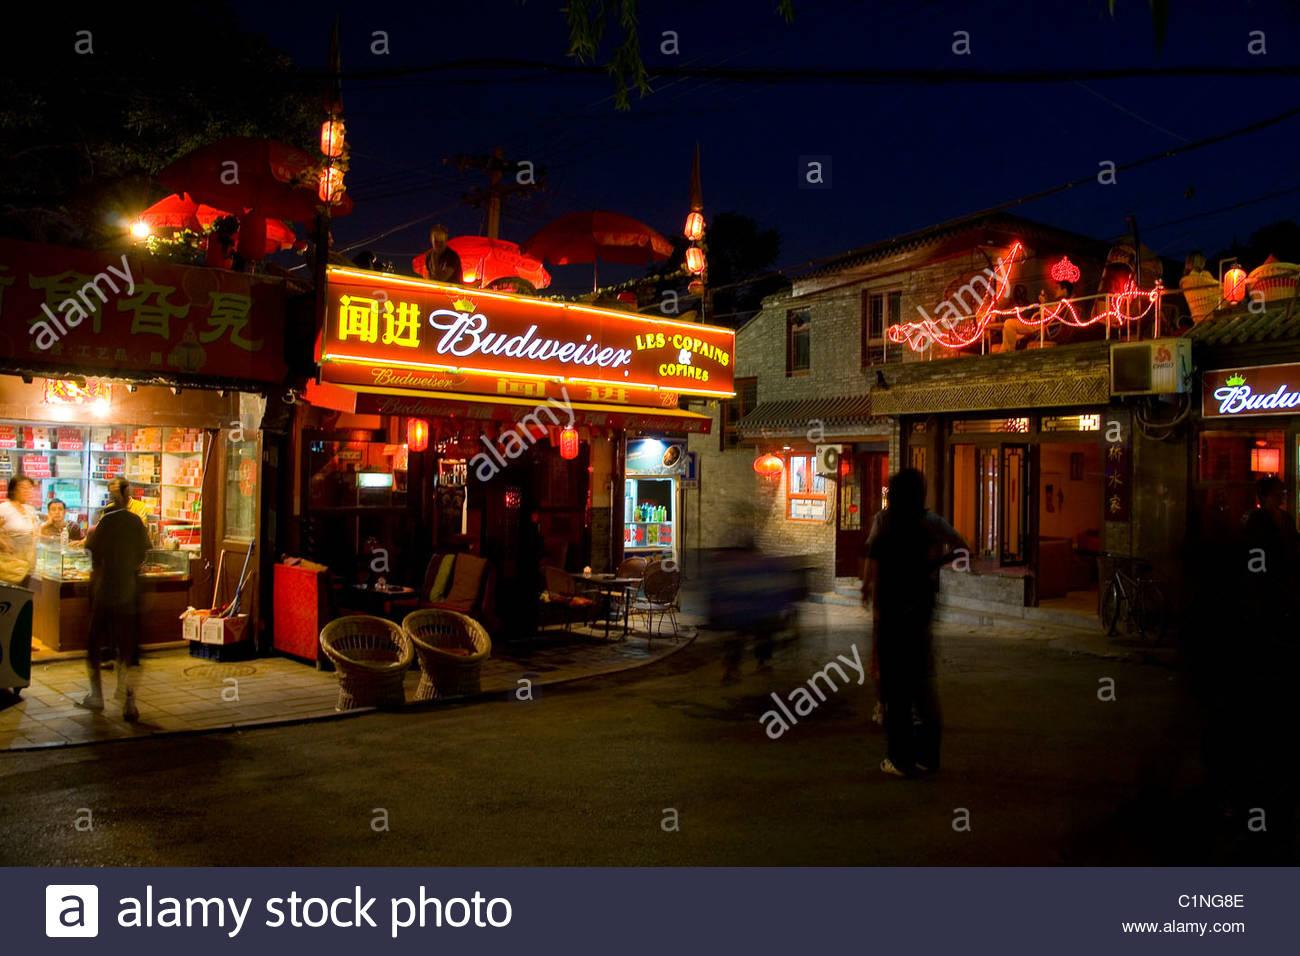 Beijing City, Houhai Back Sea hutong bars at night, China - Stock Image